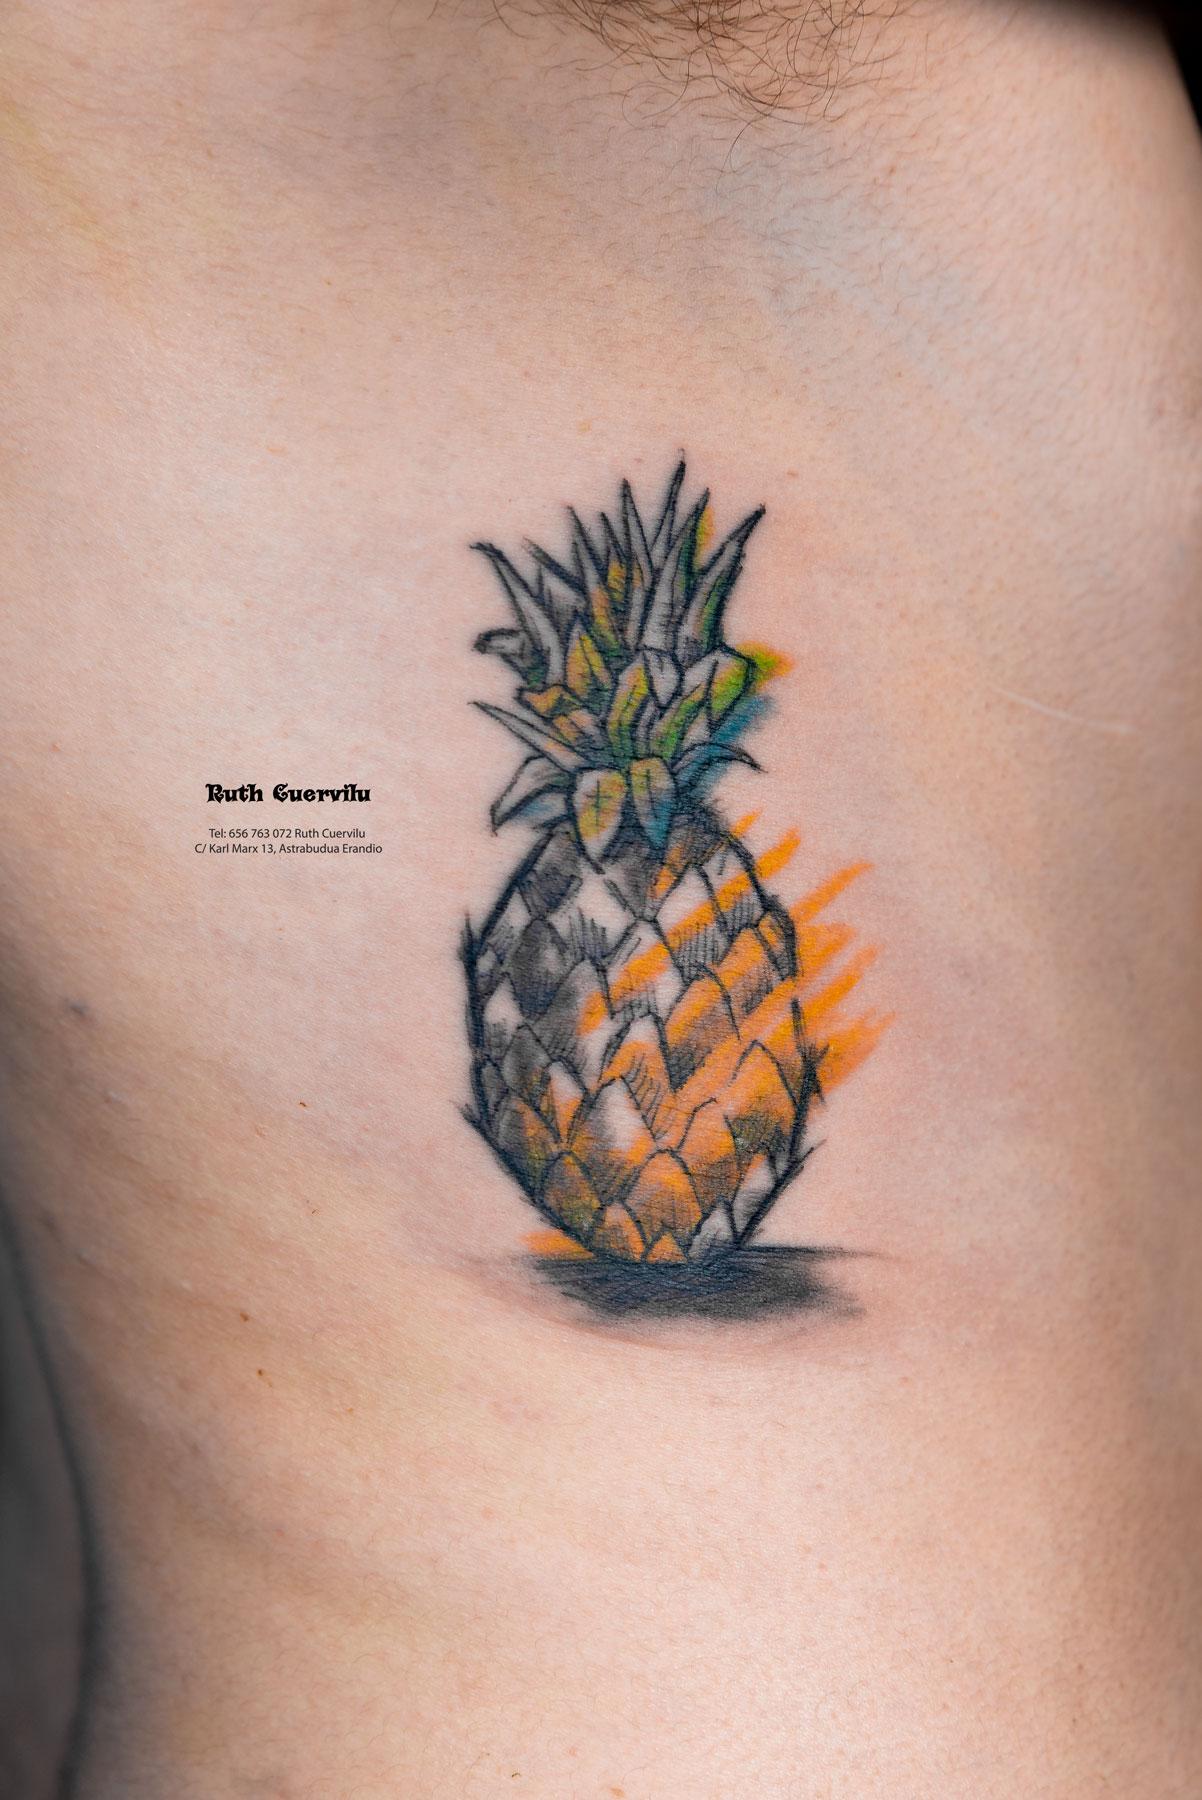 Tatuaje Piña y colores abstractos en Costillas - Ruth Cuervilu Tattoo - KM13 Studio - Estudio de tatuajes Astrabudua Erandio Bizkaia Bilbao Barakaldo Getxo Leioa Gasteiz